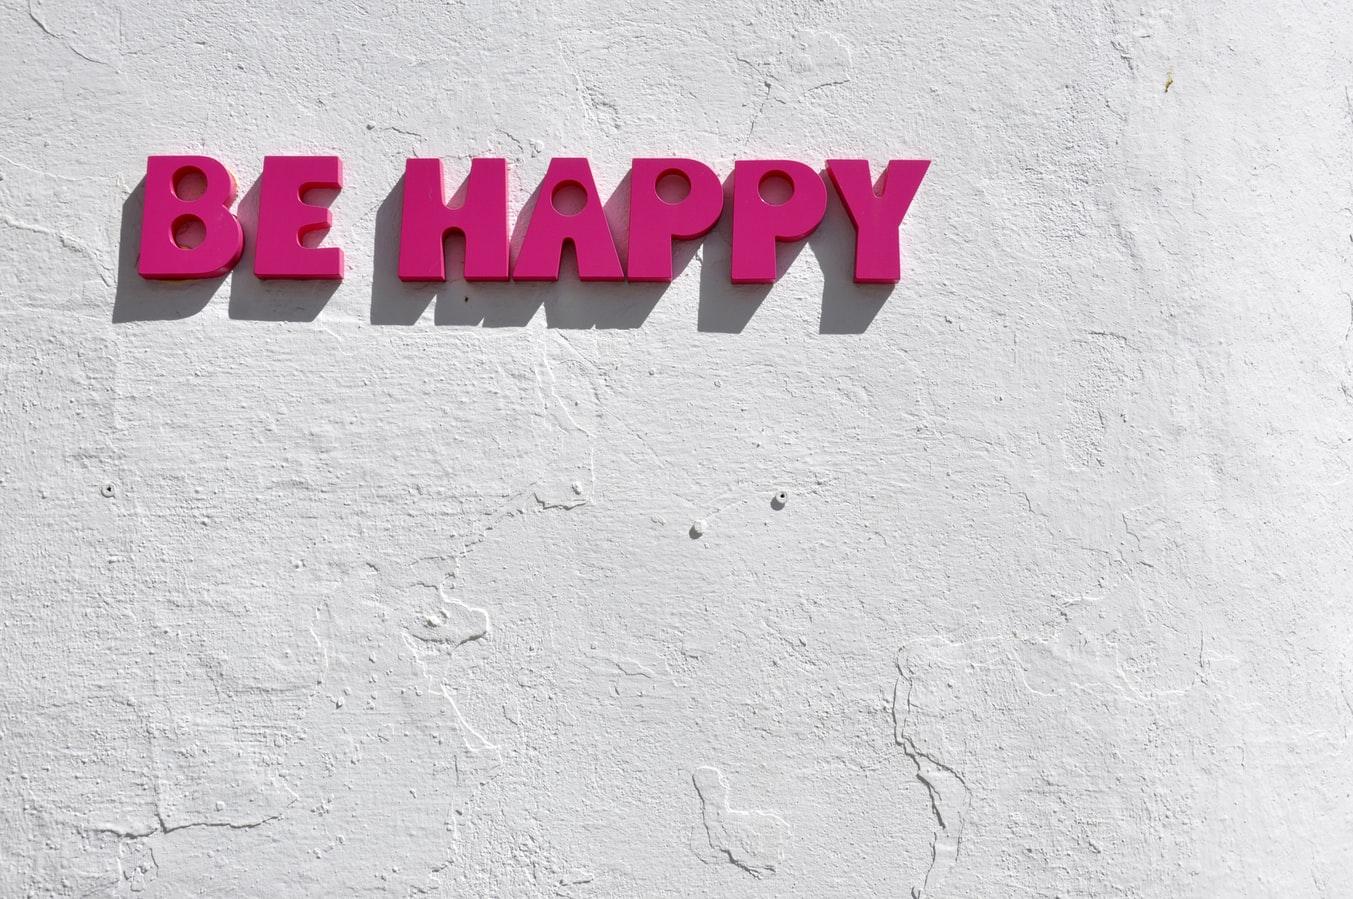 Πώς η θετική σκέψη γεννά περισσότερα προβλήματα απ' όσα λύνει